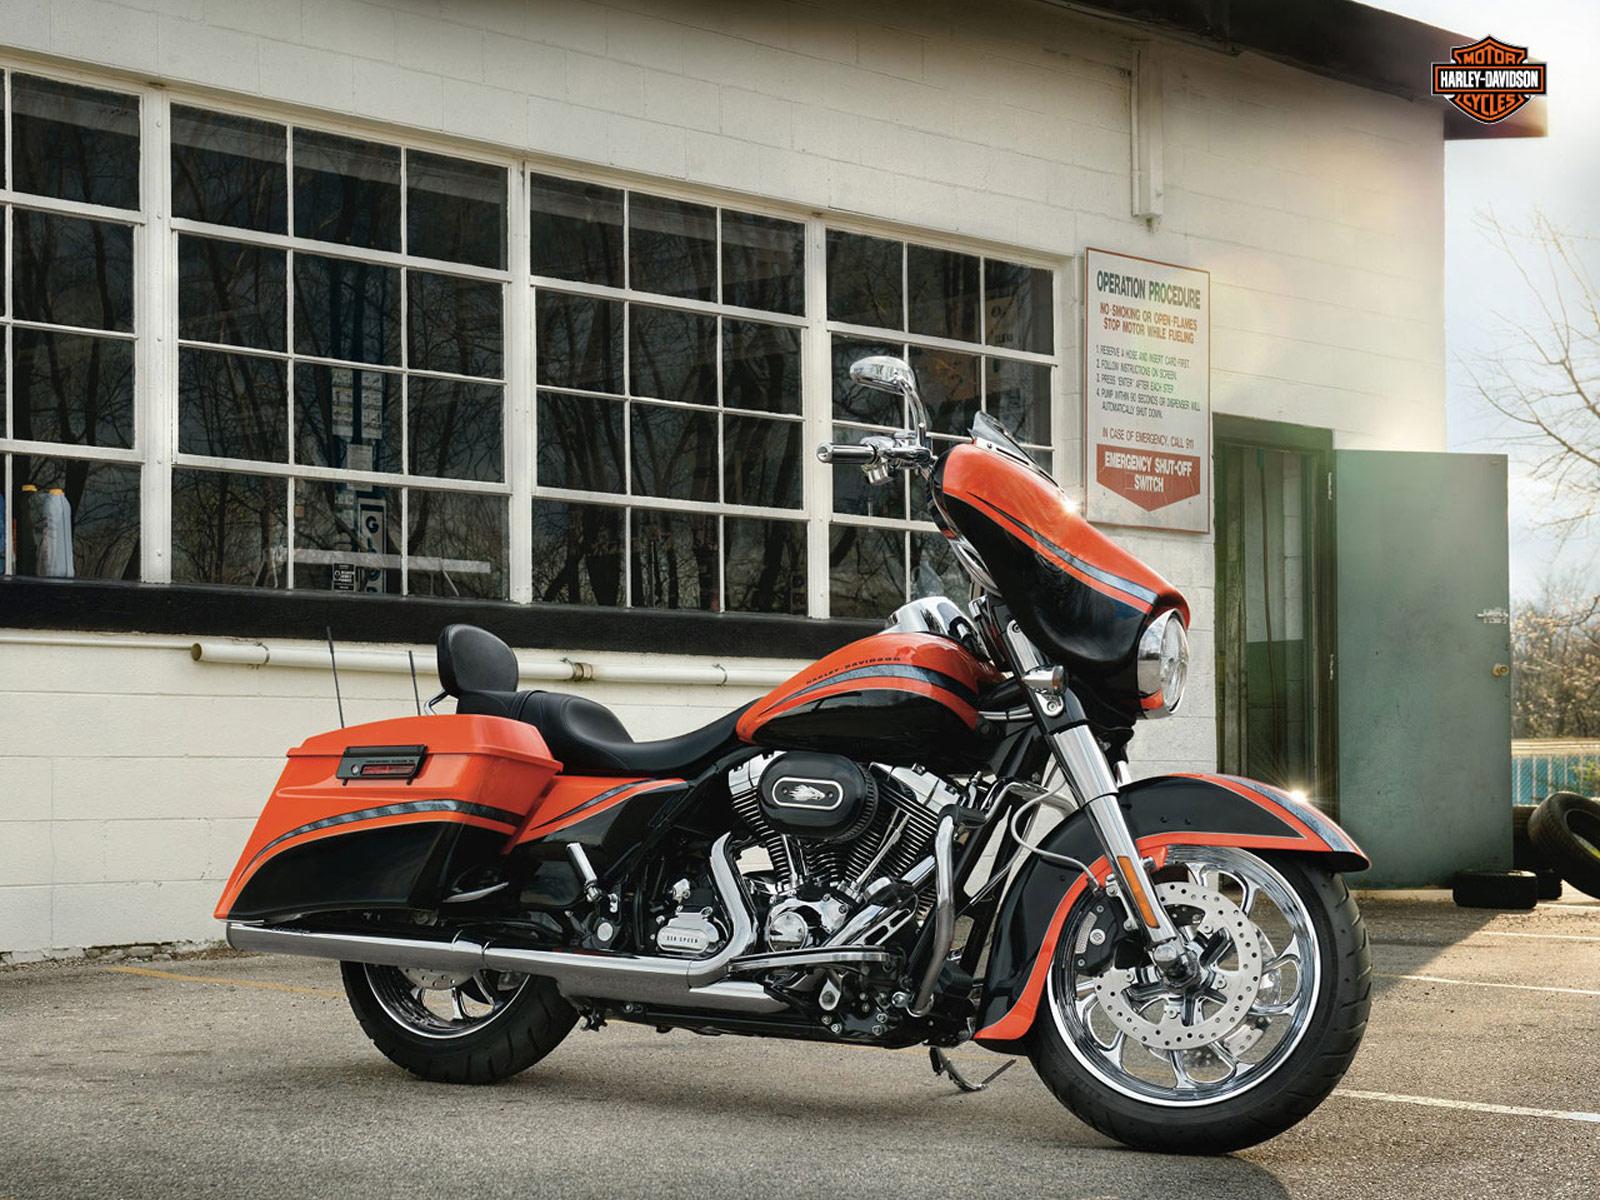 2012 Harleydavidson Flhx Street Glide Pictures